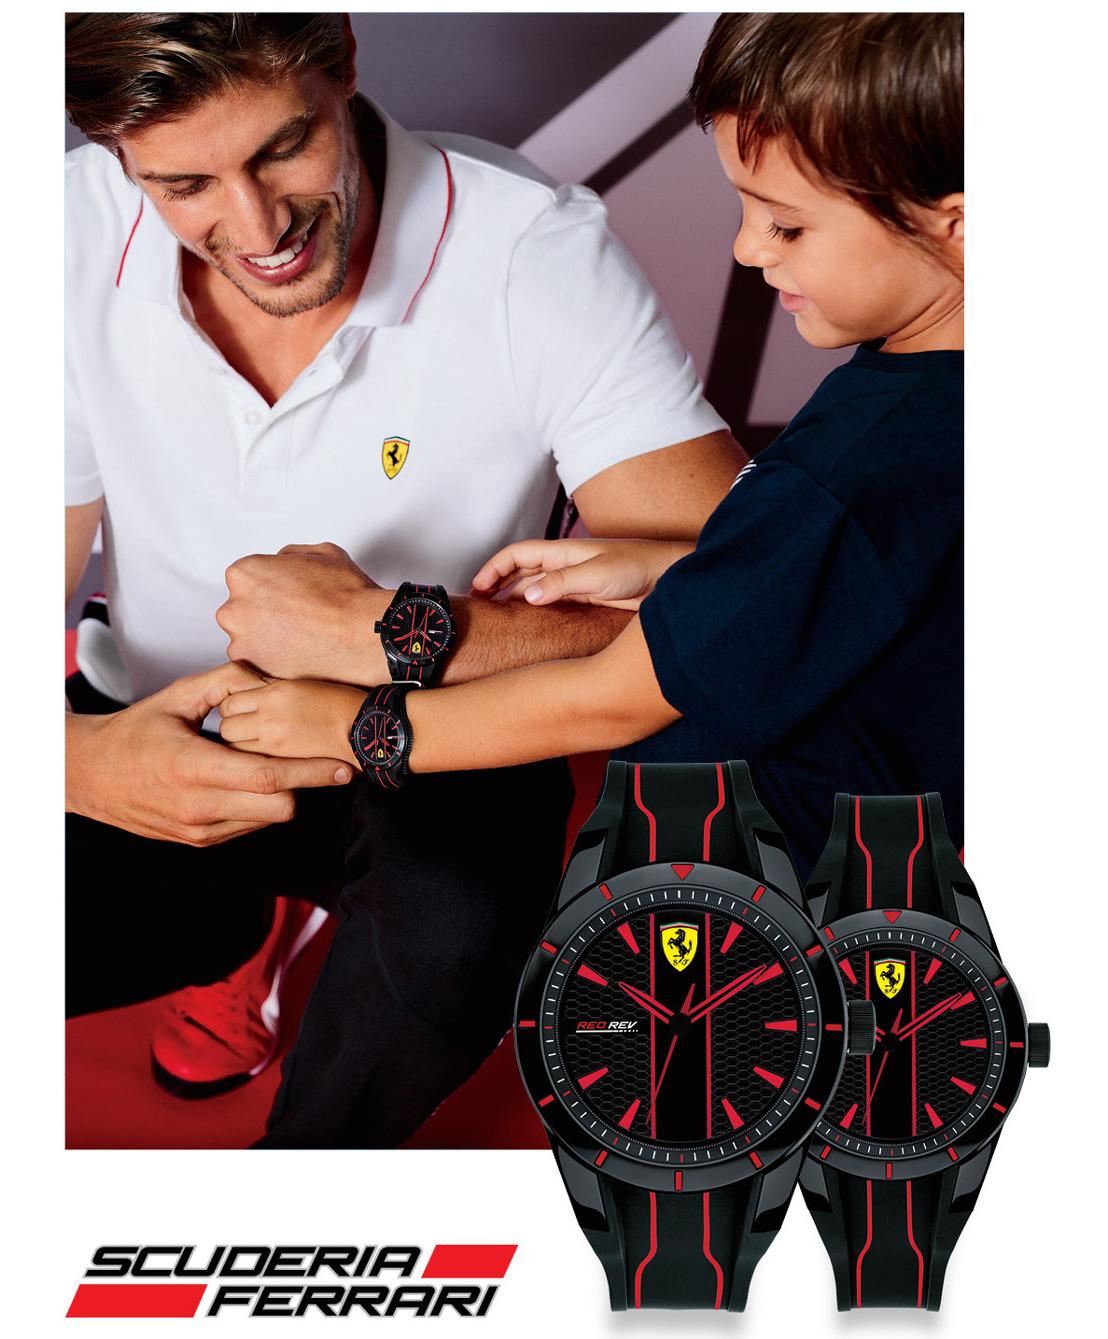 Ferrari: Comparte con papá la pasión por la velocidad